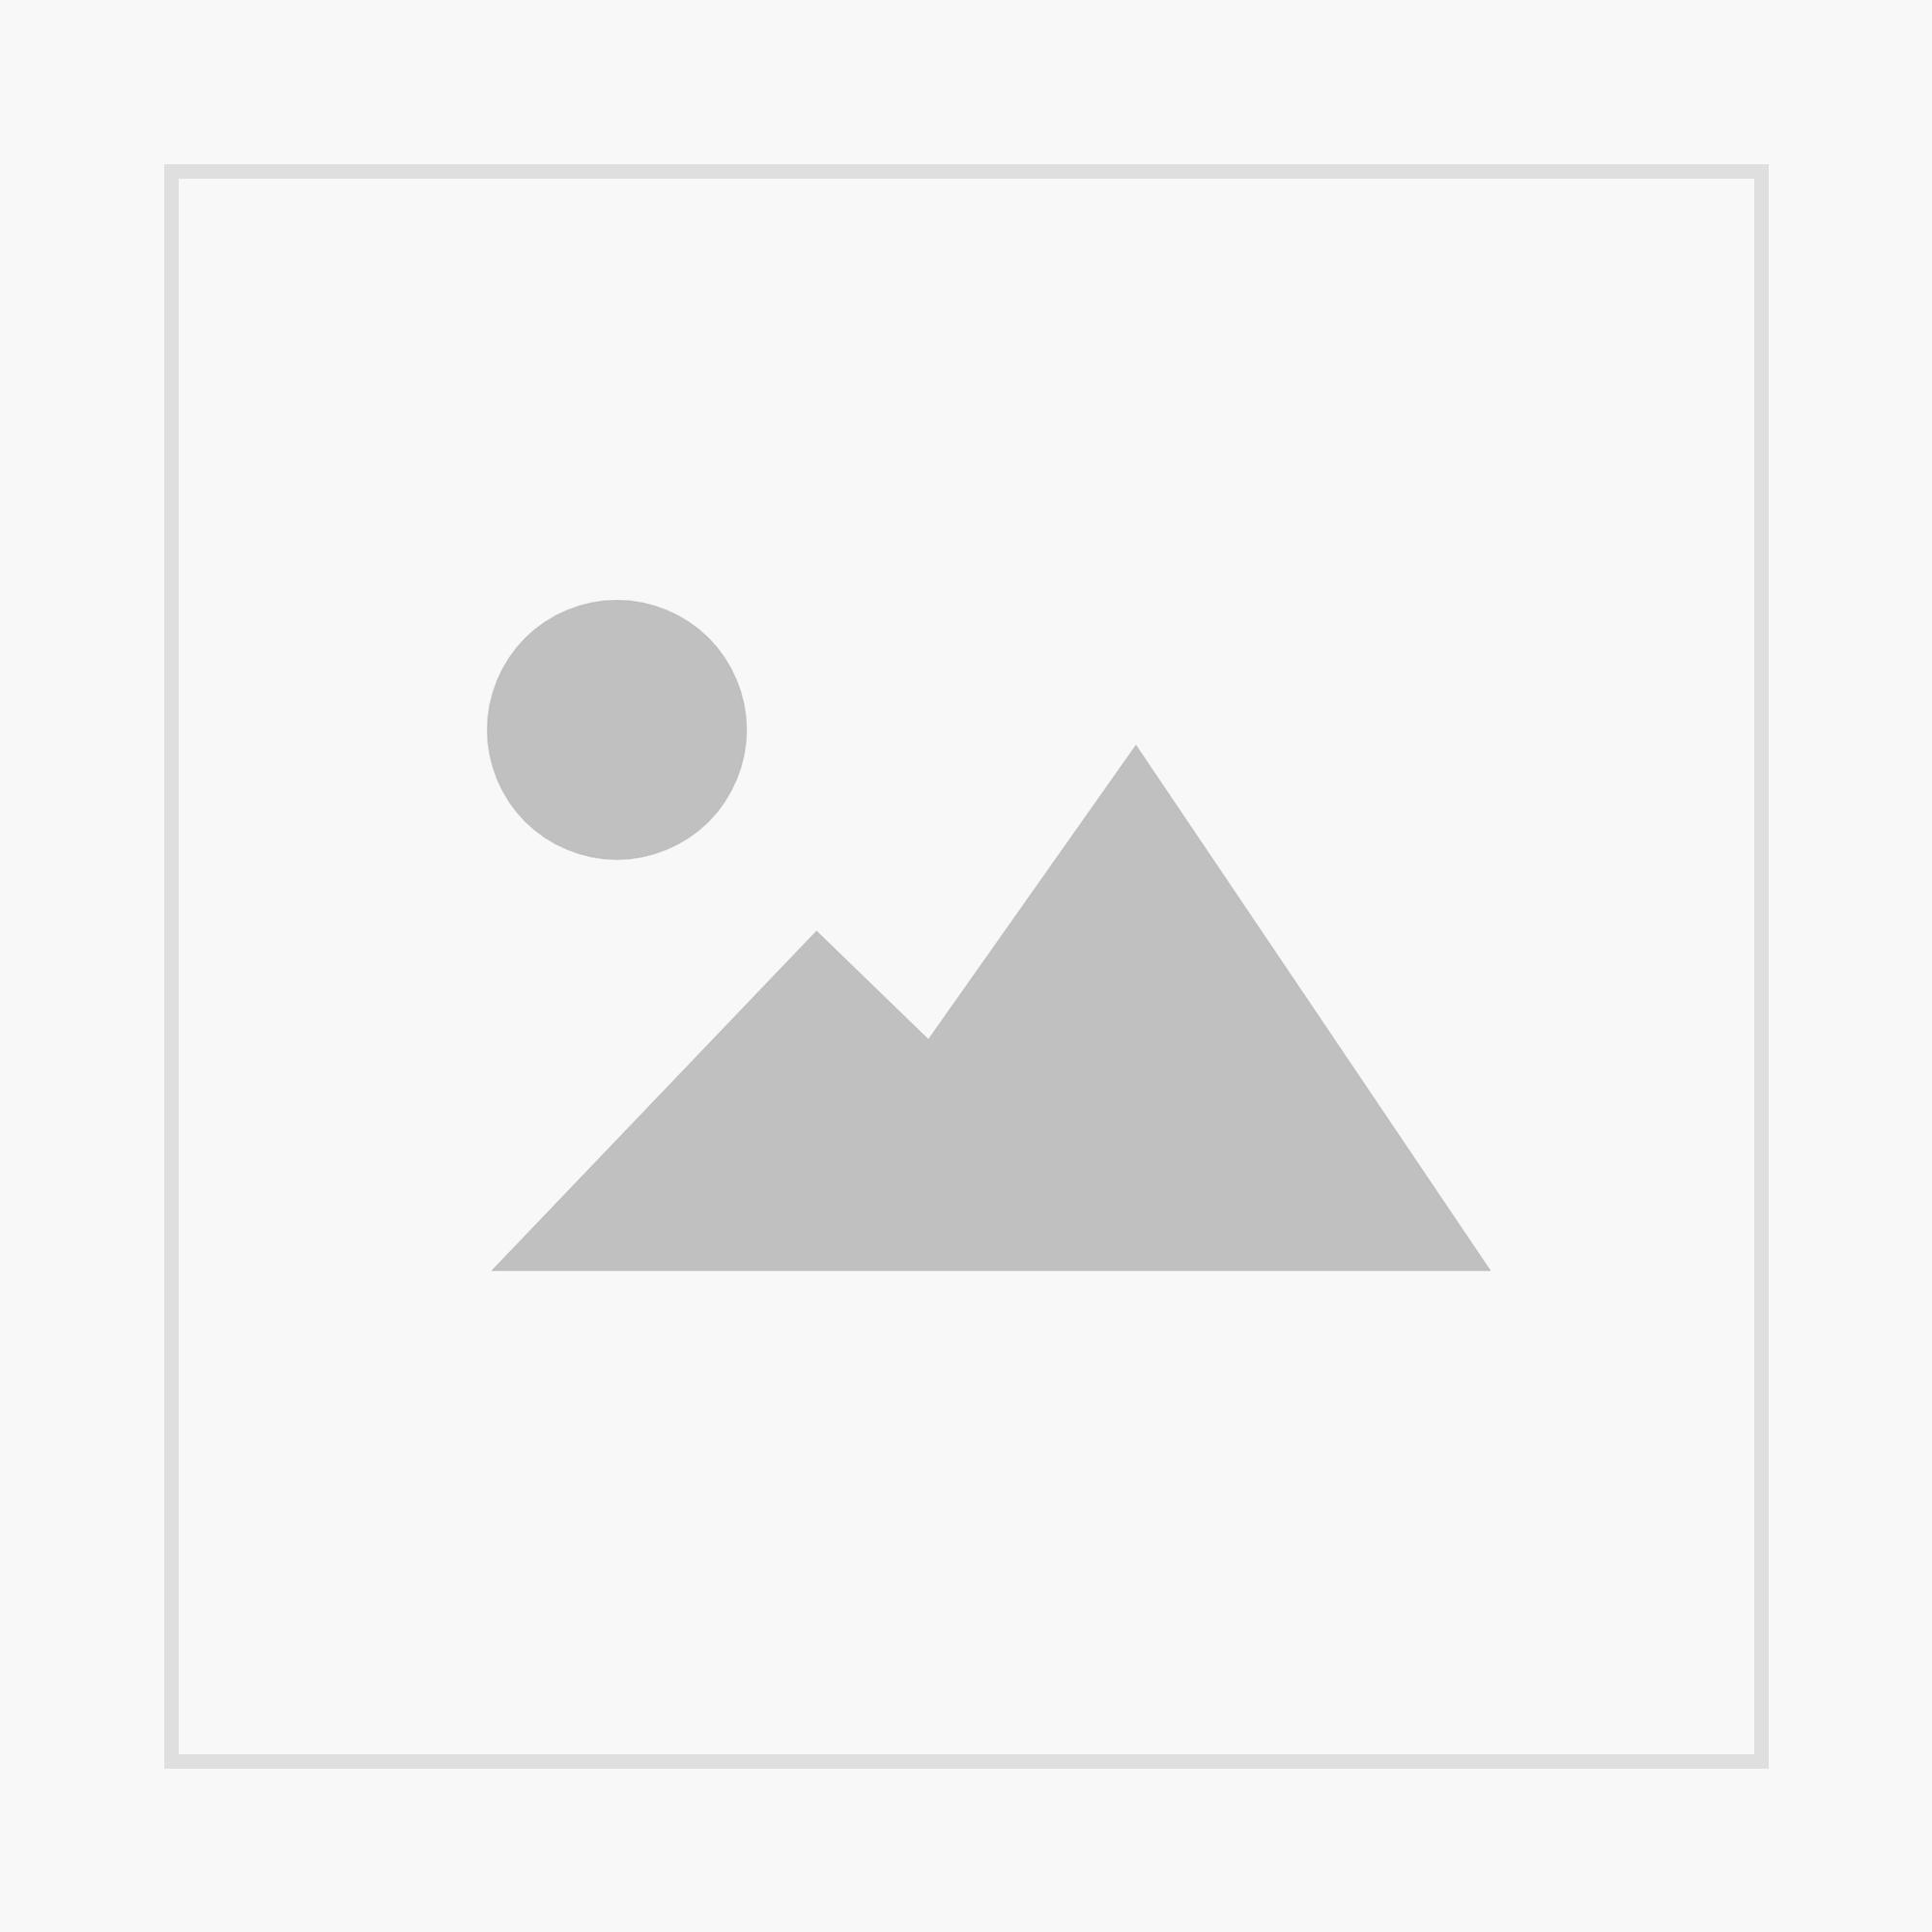 ALÖ Heft 43: Interaktiver Landschaftsplan: Verbesserungsmöglichkeiten für die Akzeptanz und Umsetzung von Landschaftsplänen